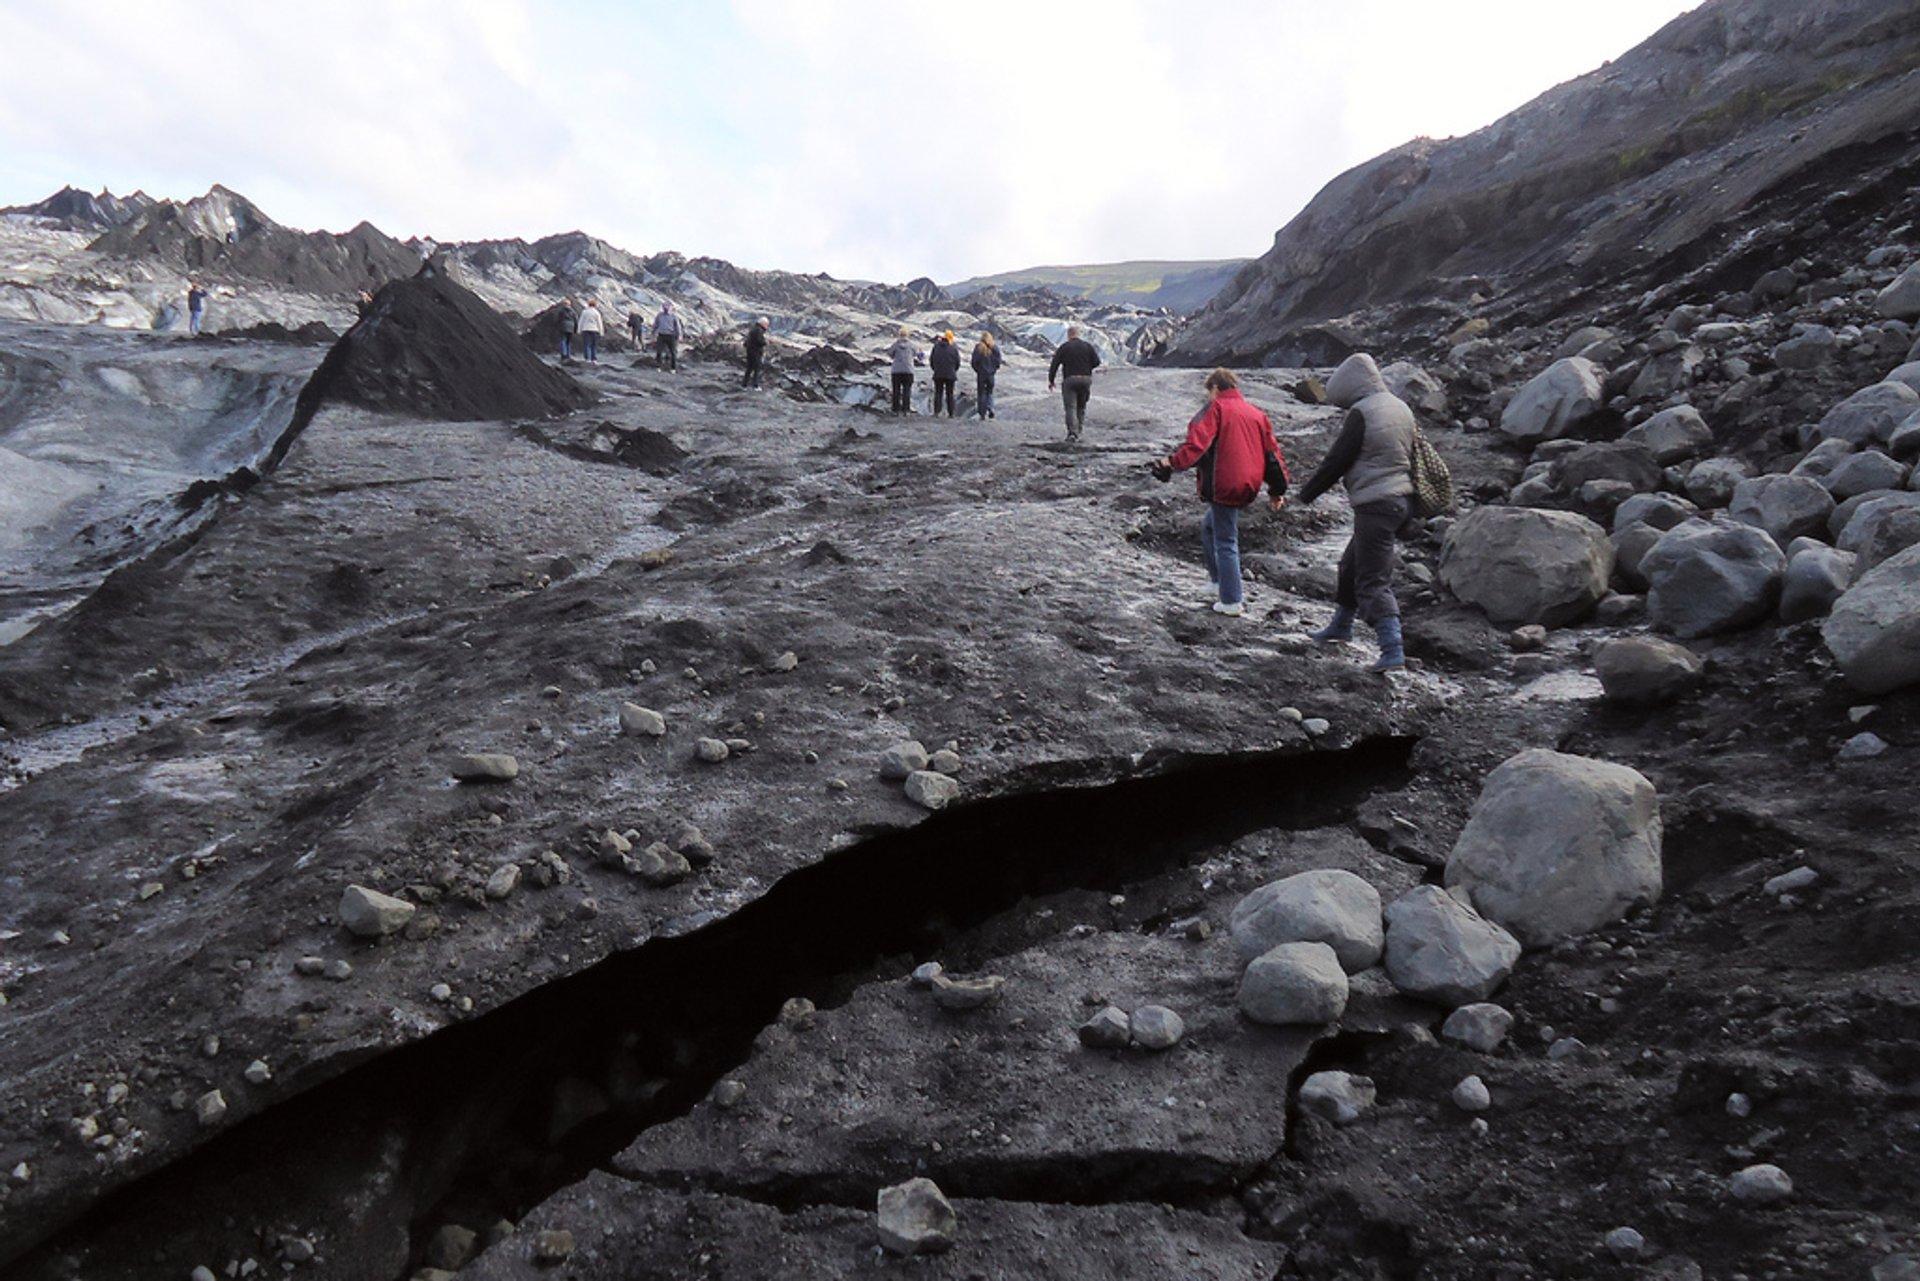 Mýrdalsjökull Glacier 2020